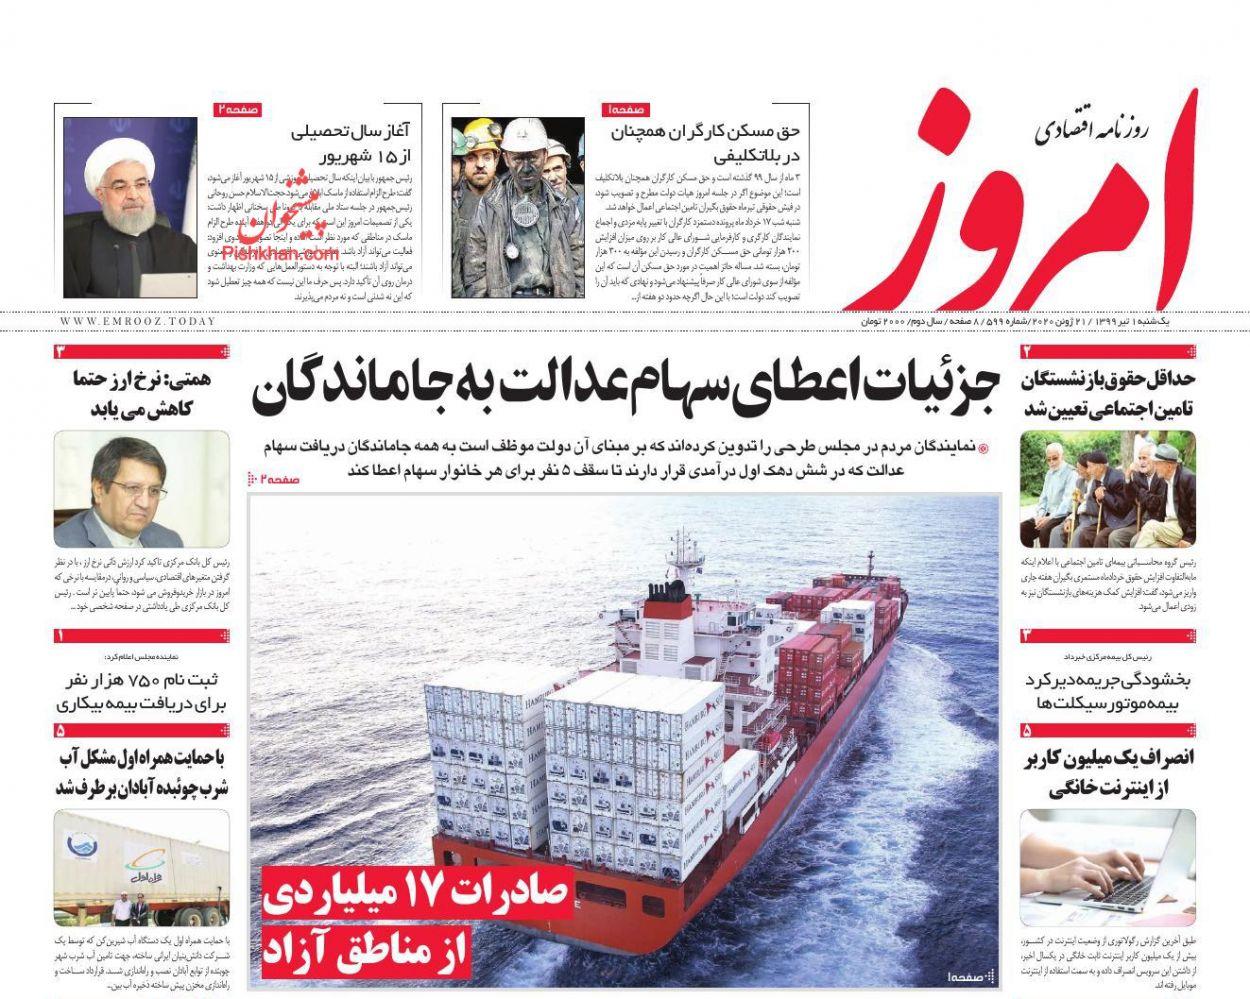 عناوین اخبار روزنامه امروز در روز یکشنبه ۱ تیر